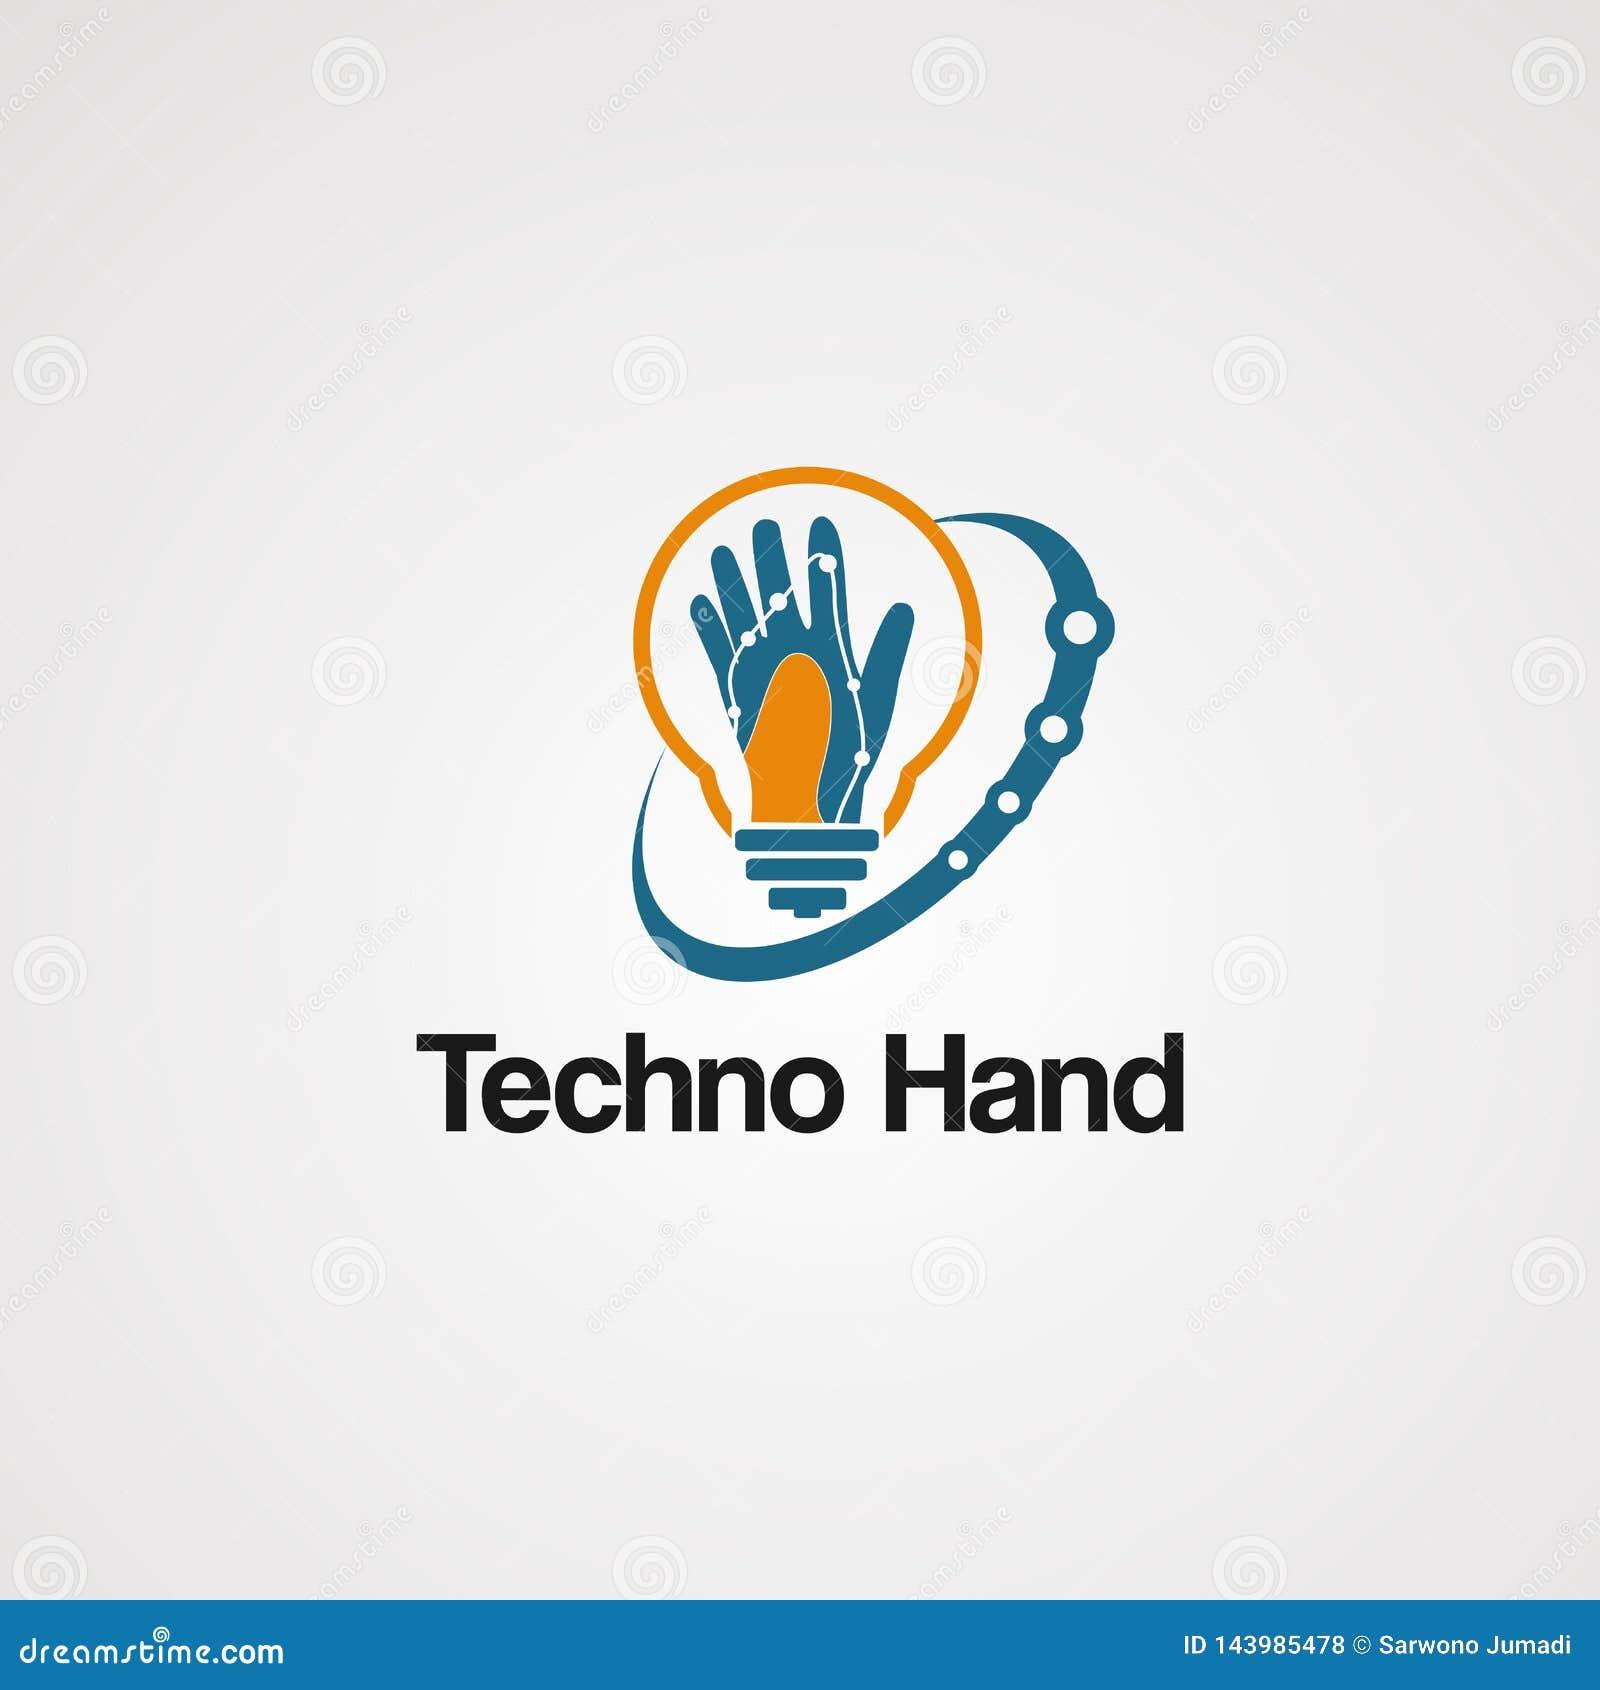 Vektor för Techno handlogo med swoosh och kulabegrepp, beståndsdel, symbol och mall för företag